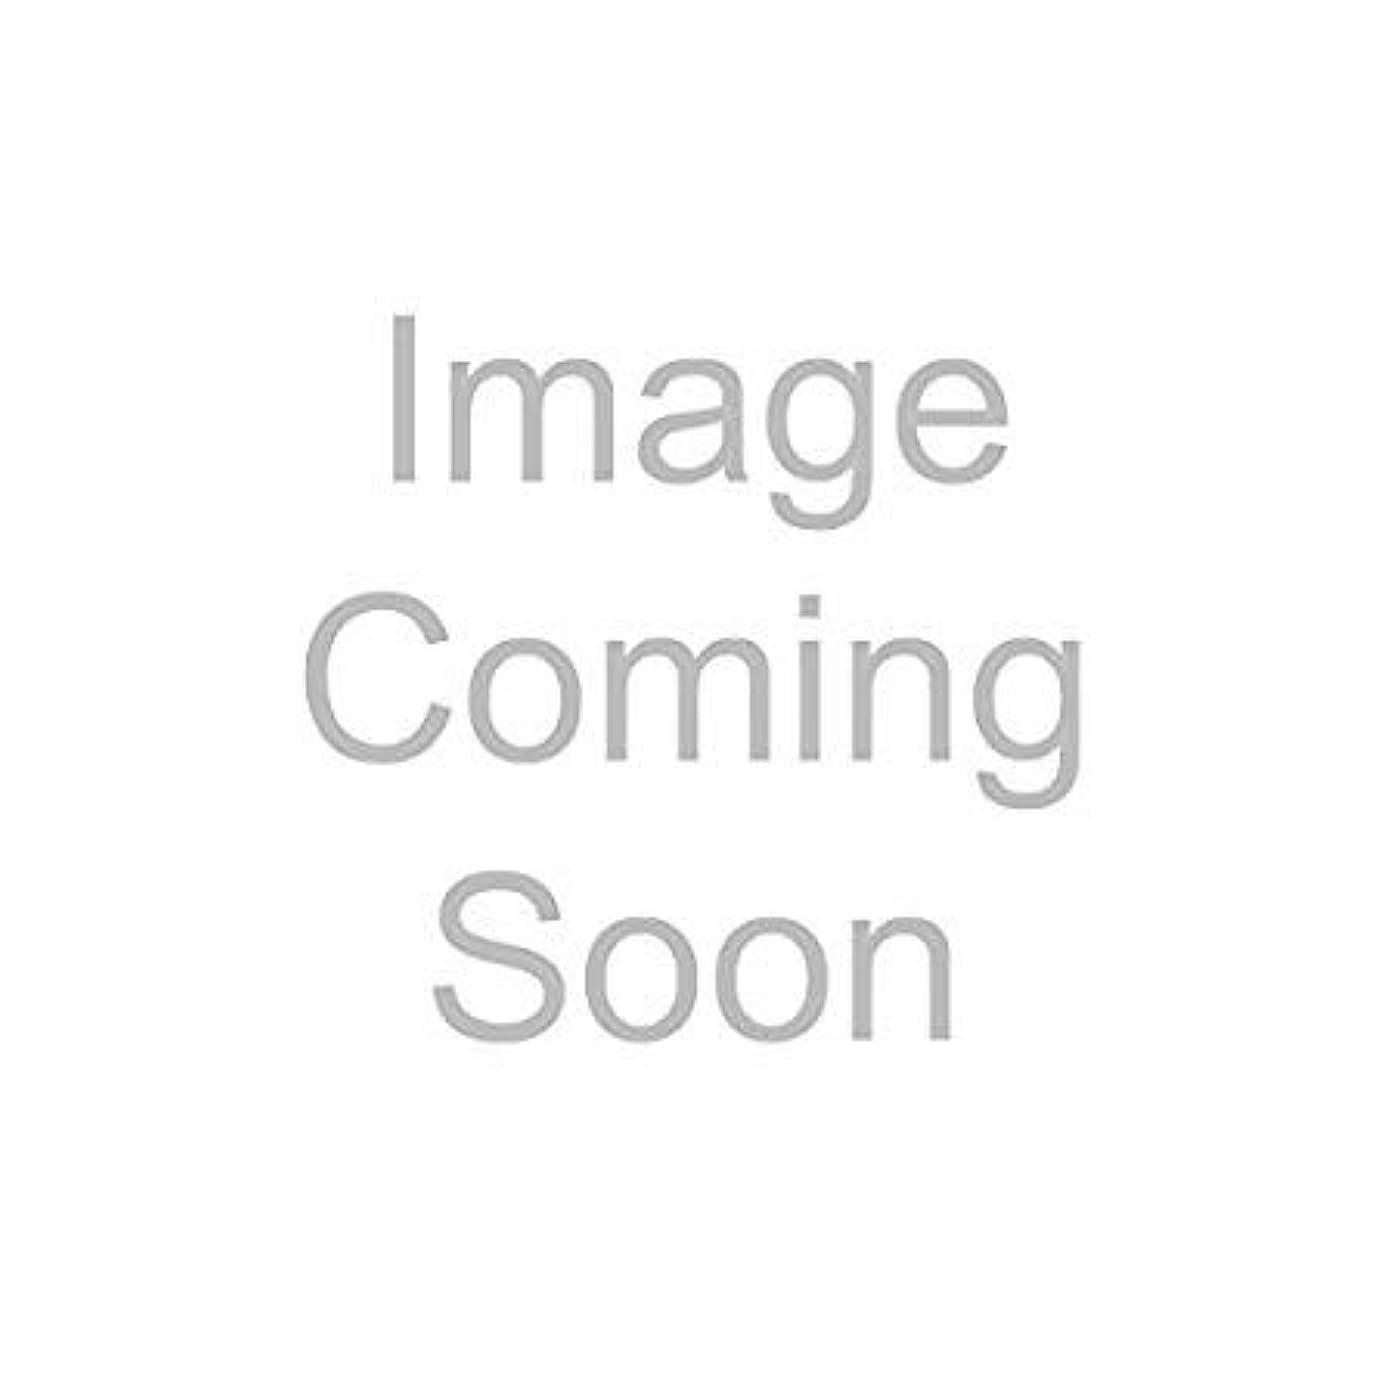 同盟航海頑固なエスティローダー デイウェアアドバンスドマルチプロテクションアンチオキシダントクリームSPF15(ドライスキン用) 50ml/1.7oz